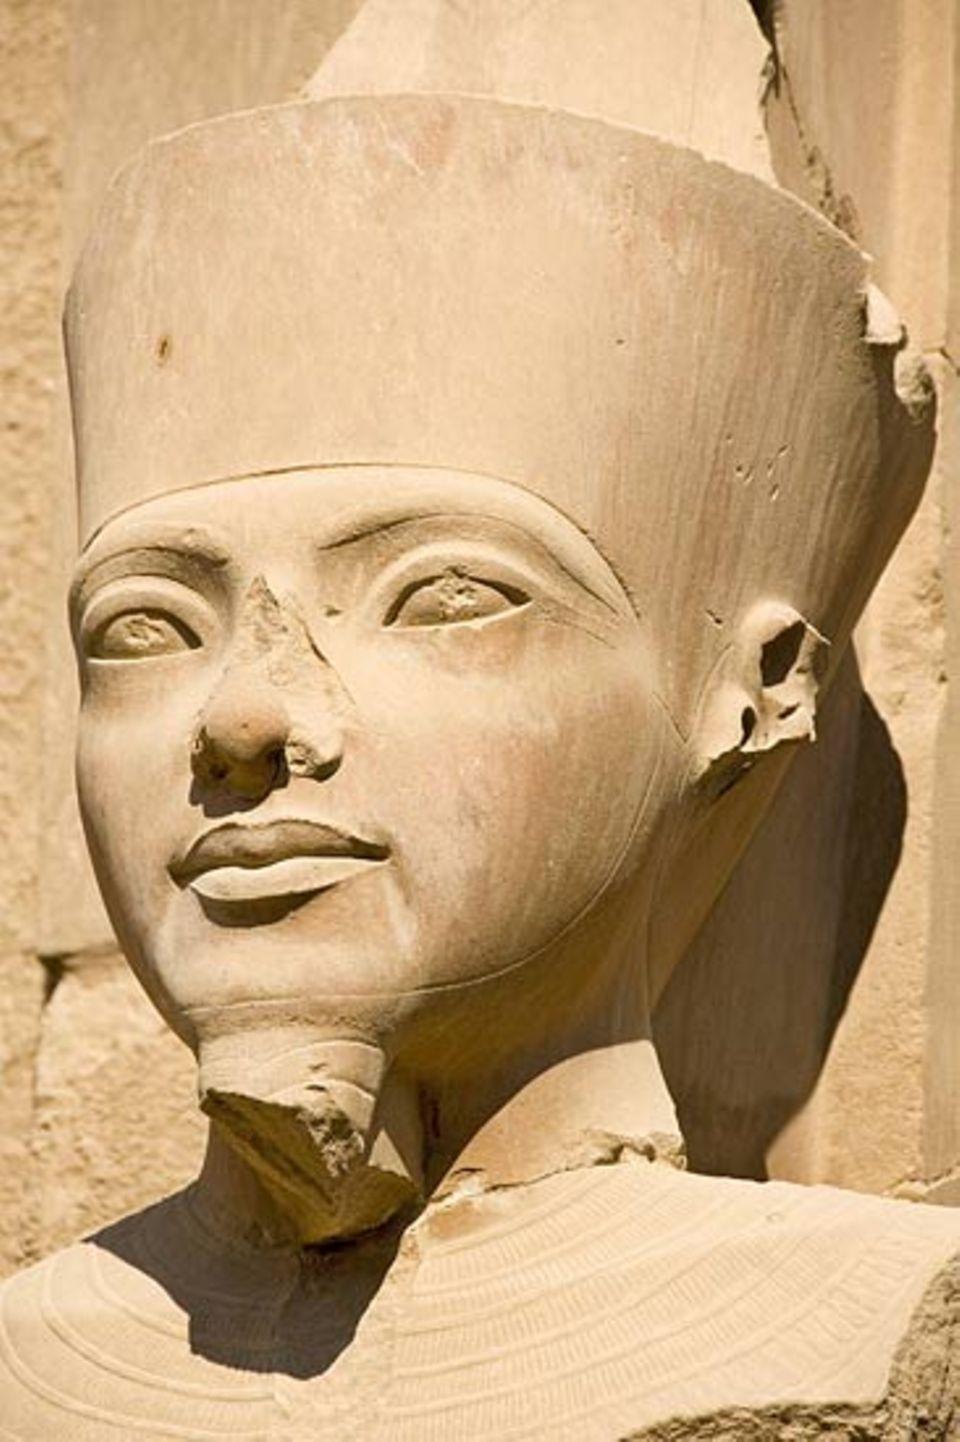 Ägypten: Statue der Königin Hatschepsut in der Tempelanlage Karnak (Luxor, Ägypten)